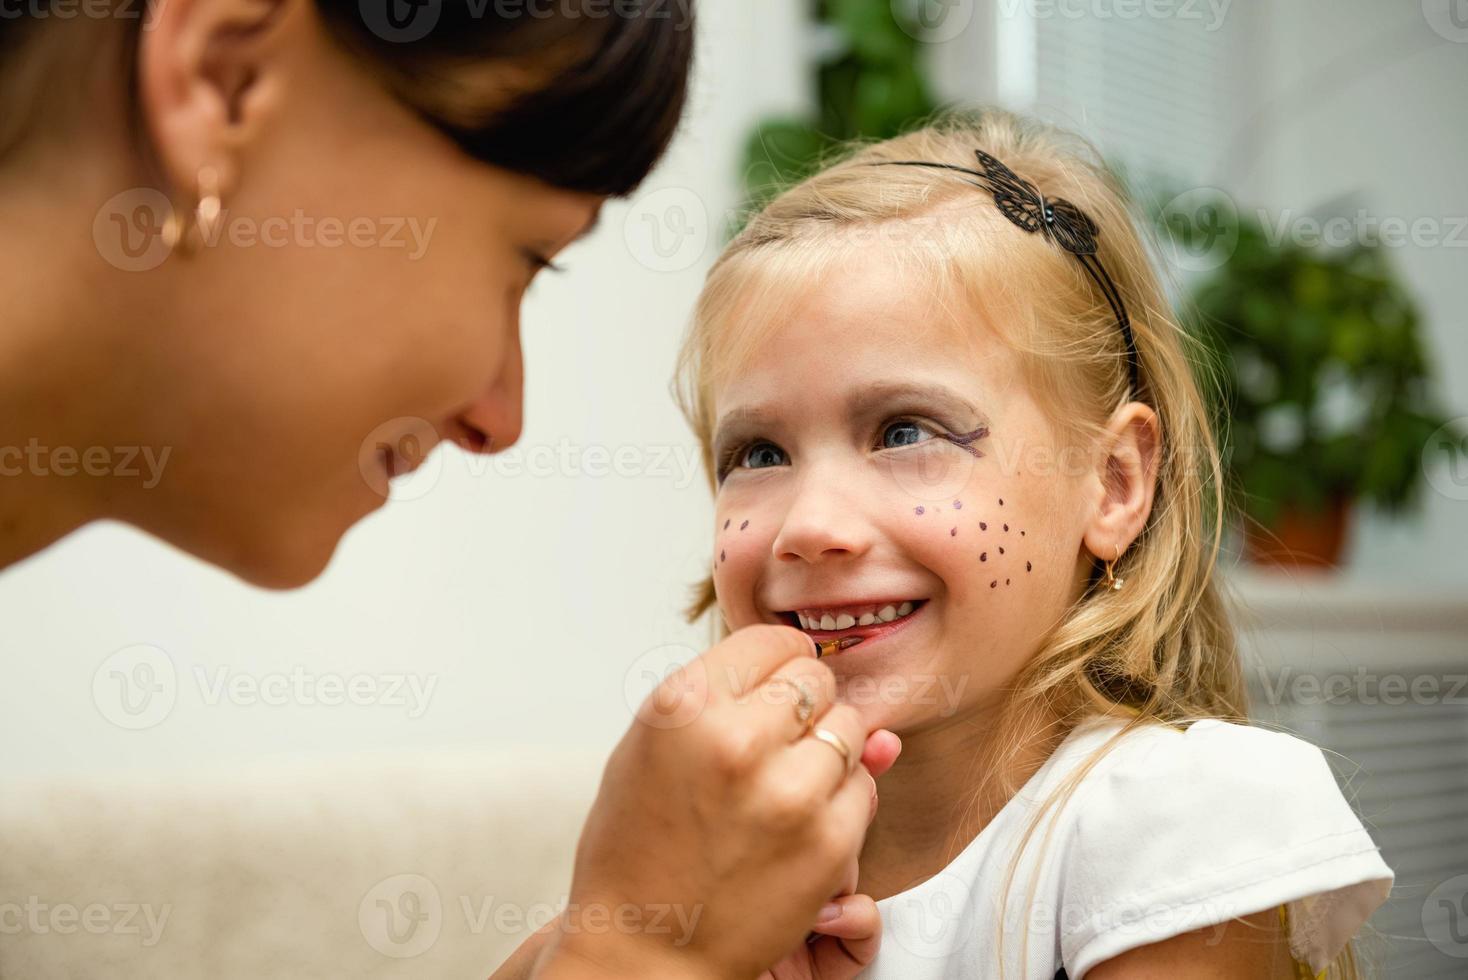 donna dipinge il volto di un bambino per le vacanze foto